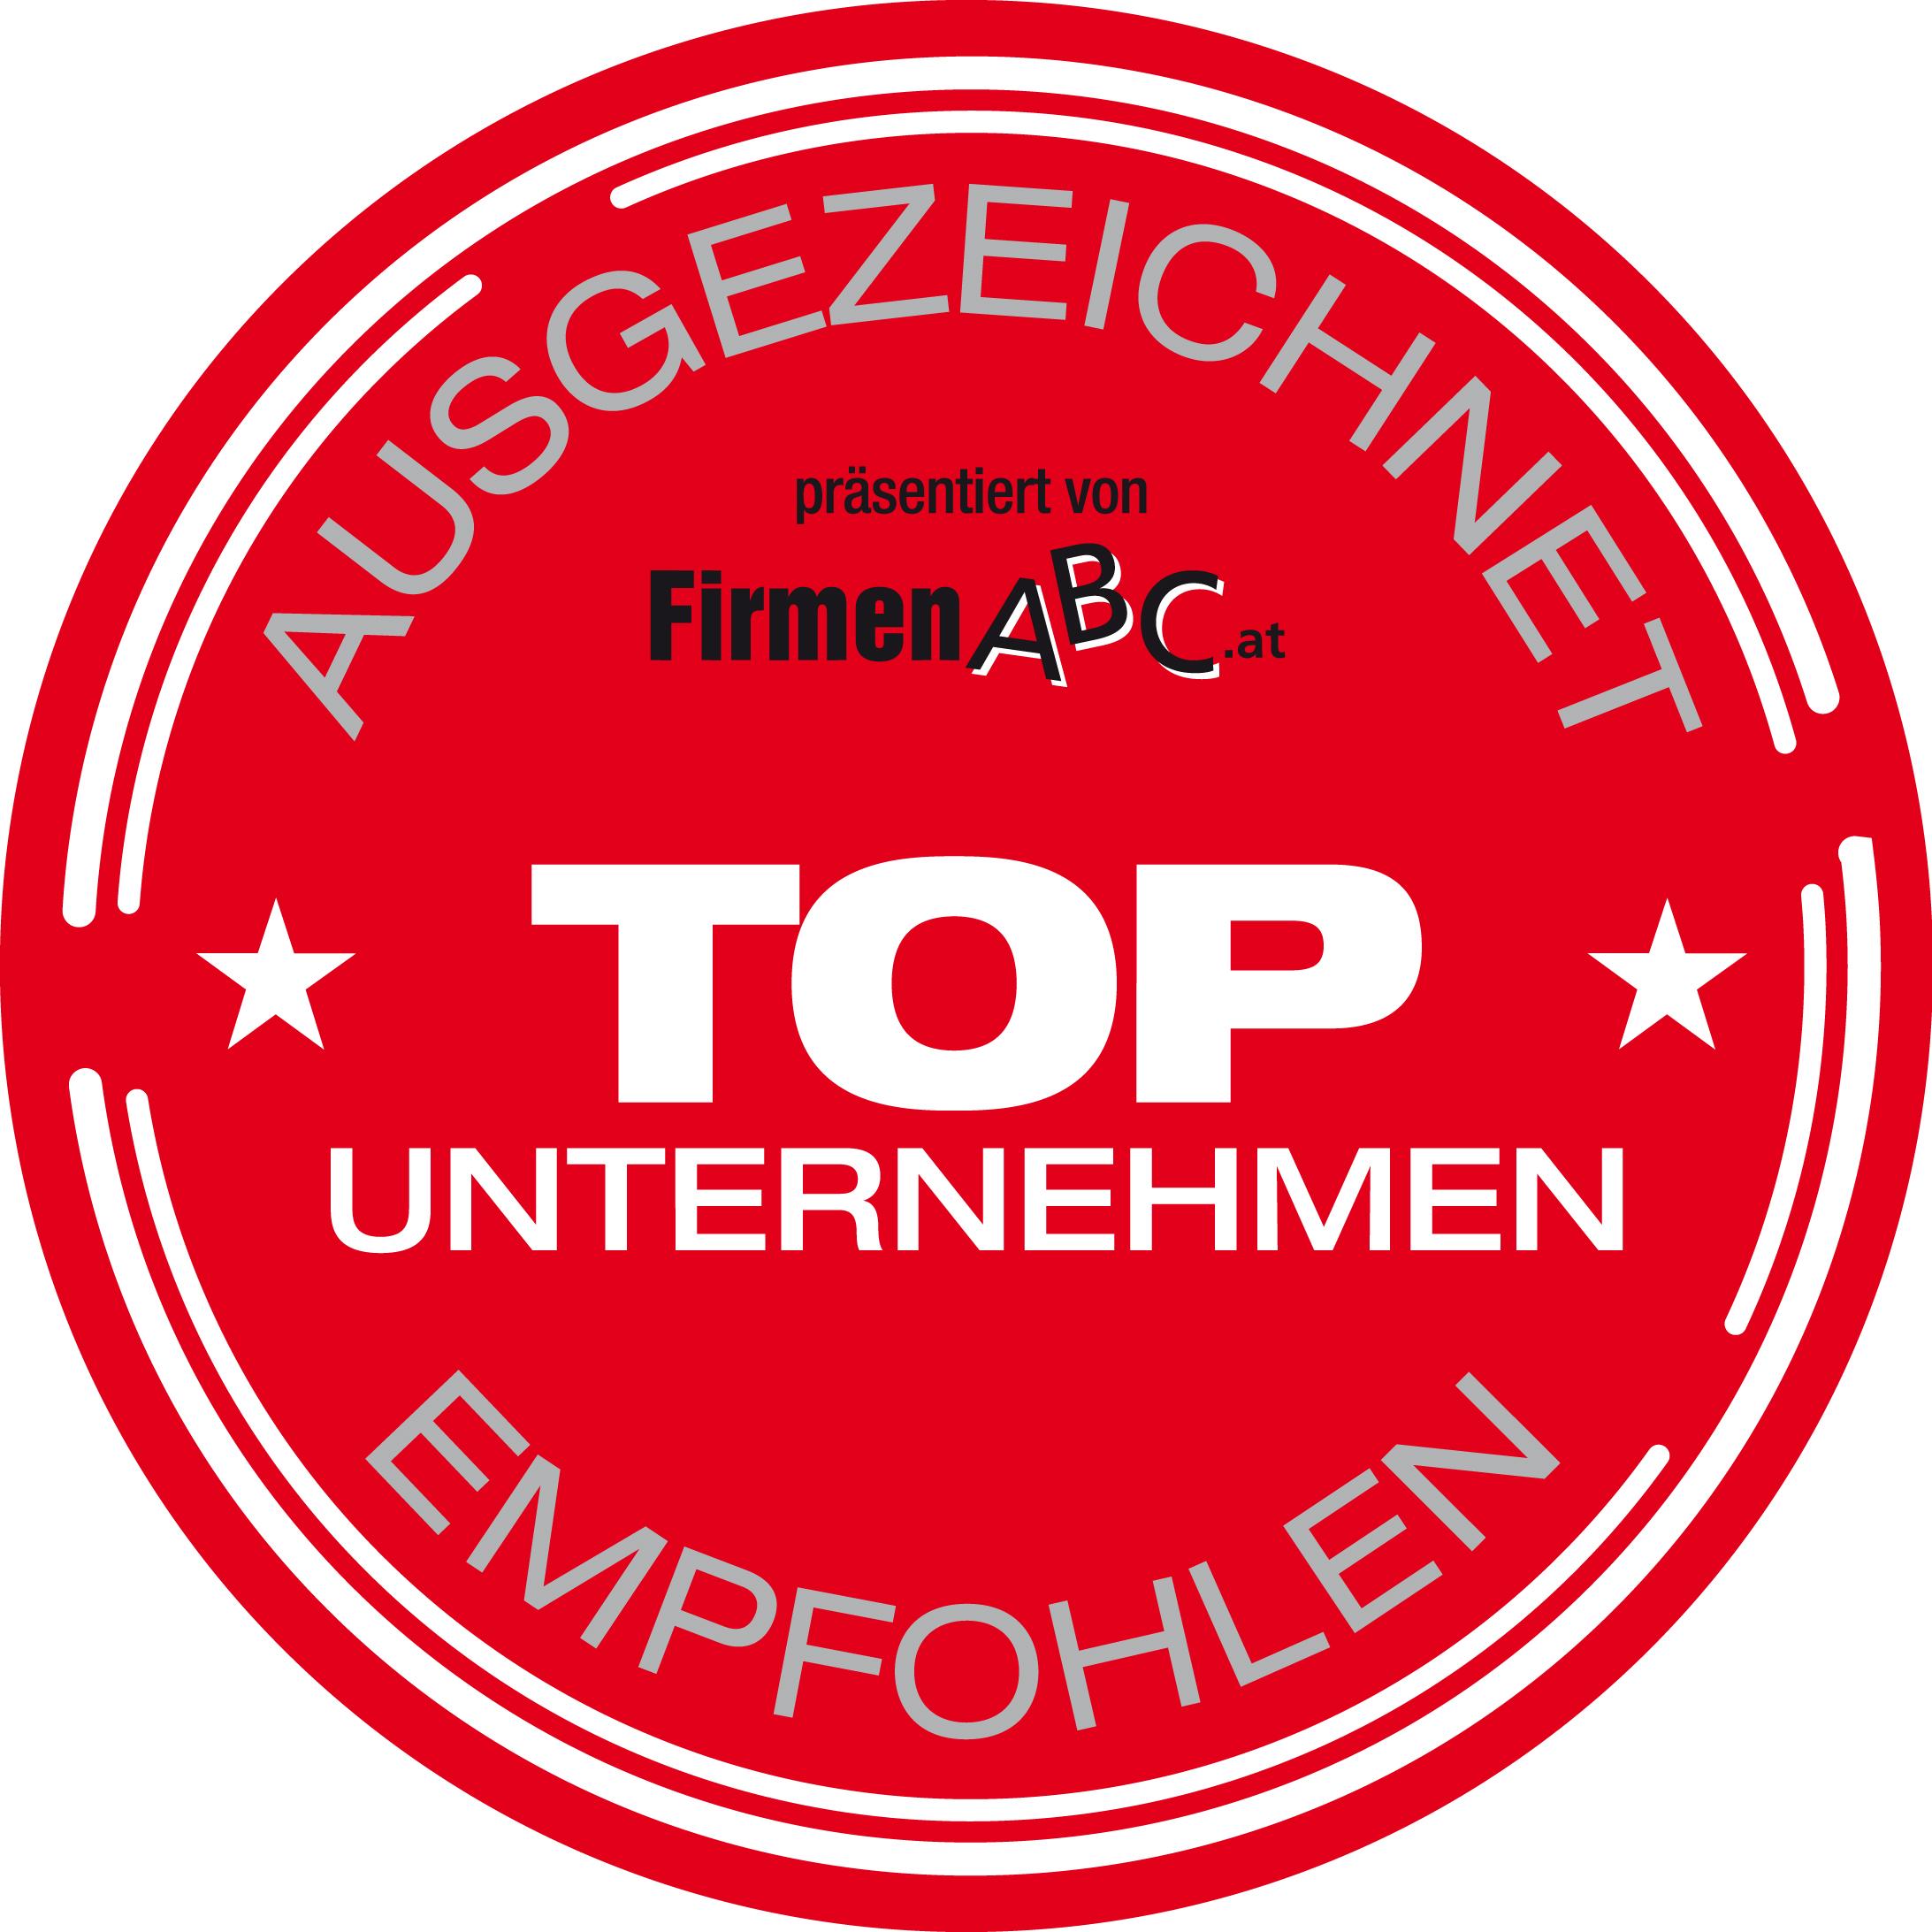 Bildergebnis für logos firmenABC ausgezeichnet